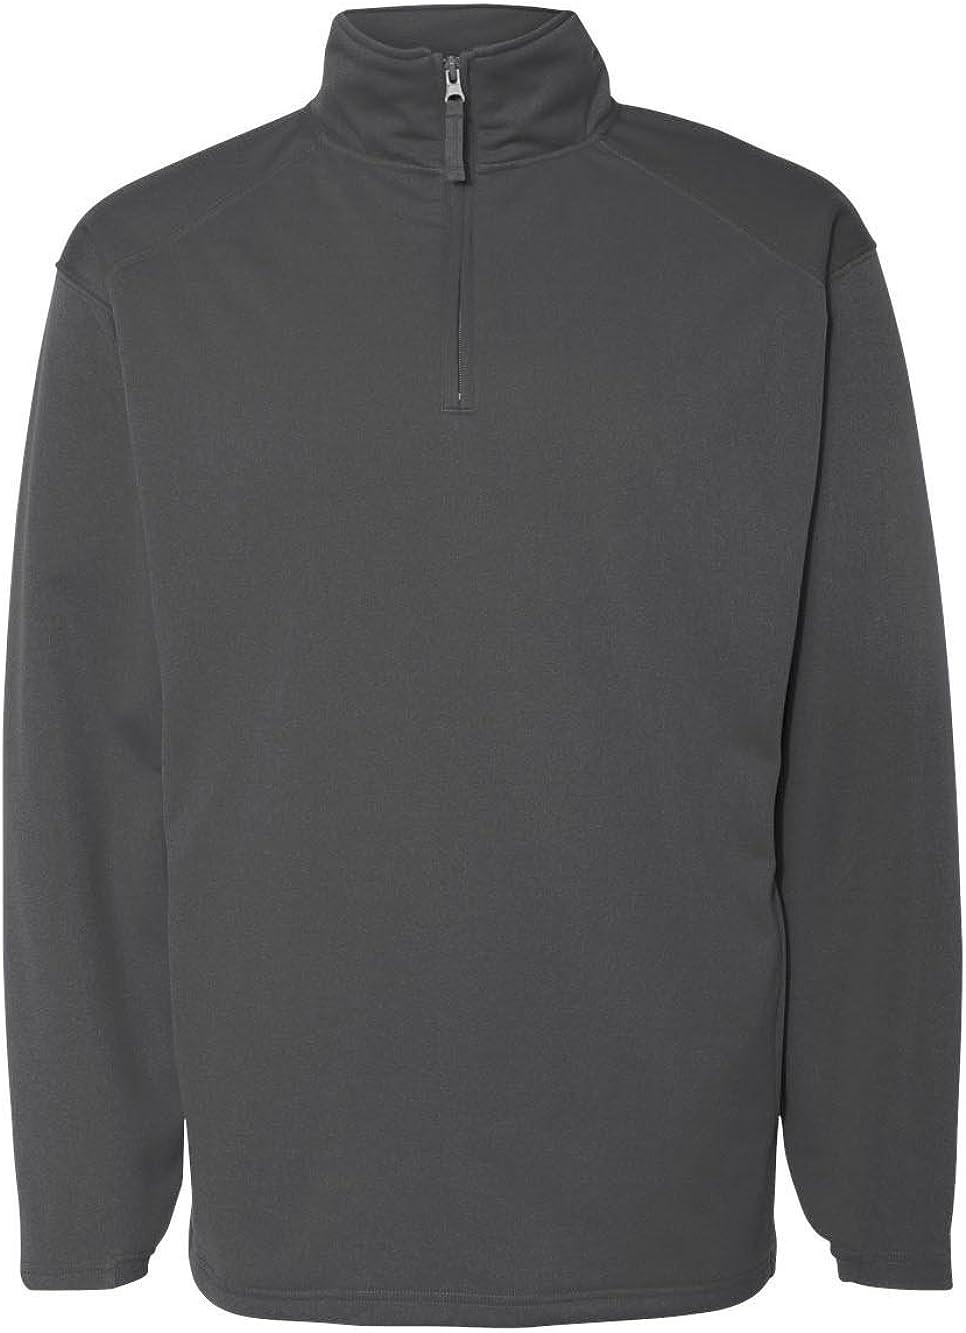 Badger 1480 1/4 Zip Poly Fleece Pullover